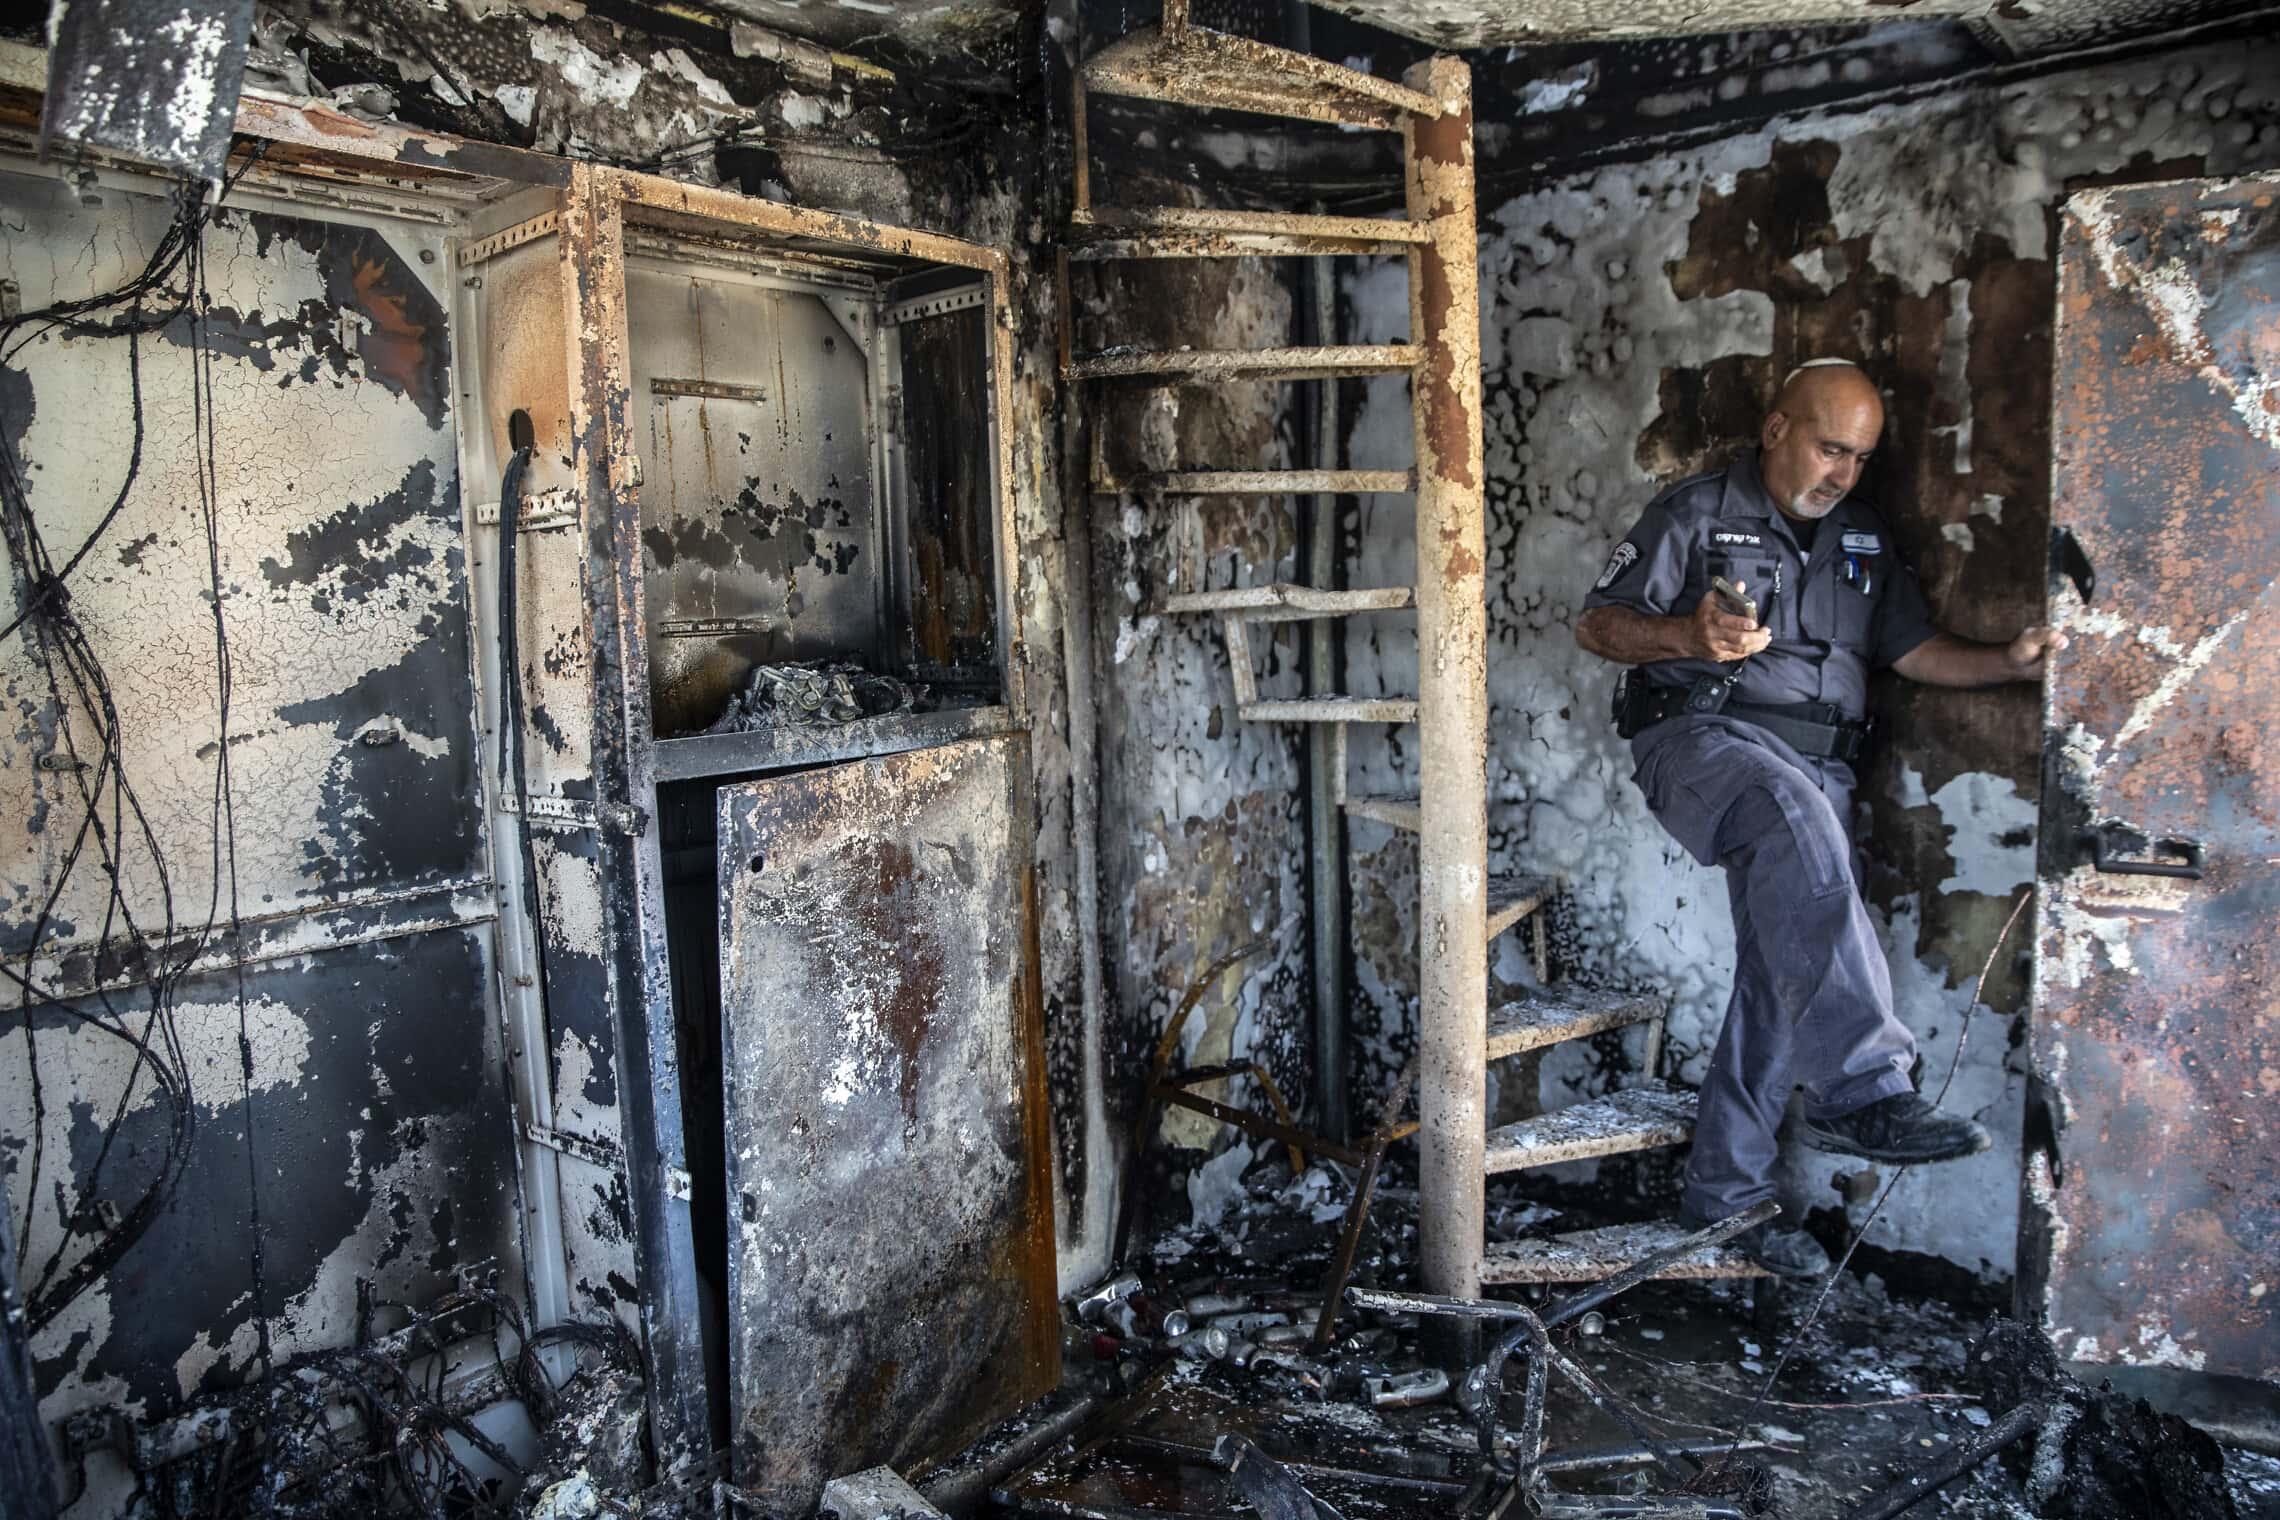 משרד של עיריית לוד שנשרף כליל, 11 במאי 2021 (צילום: AP Photo/Heidi Levine)